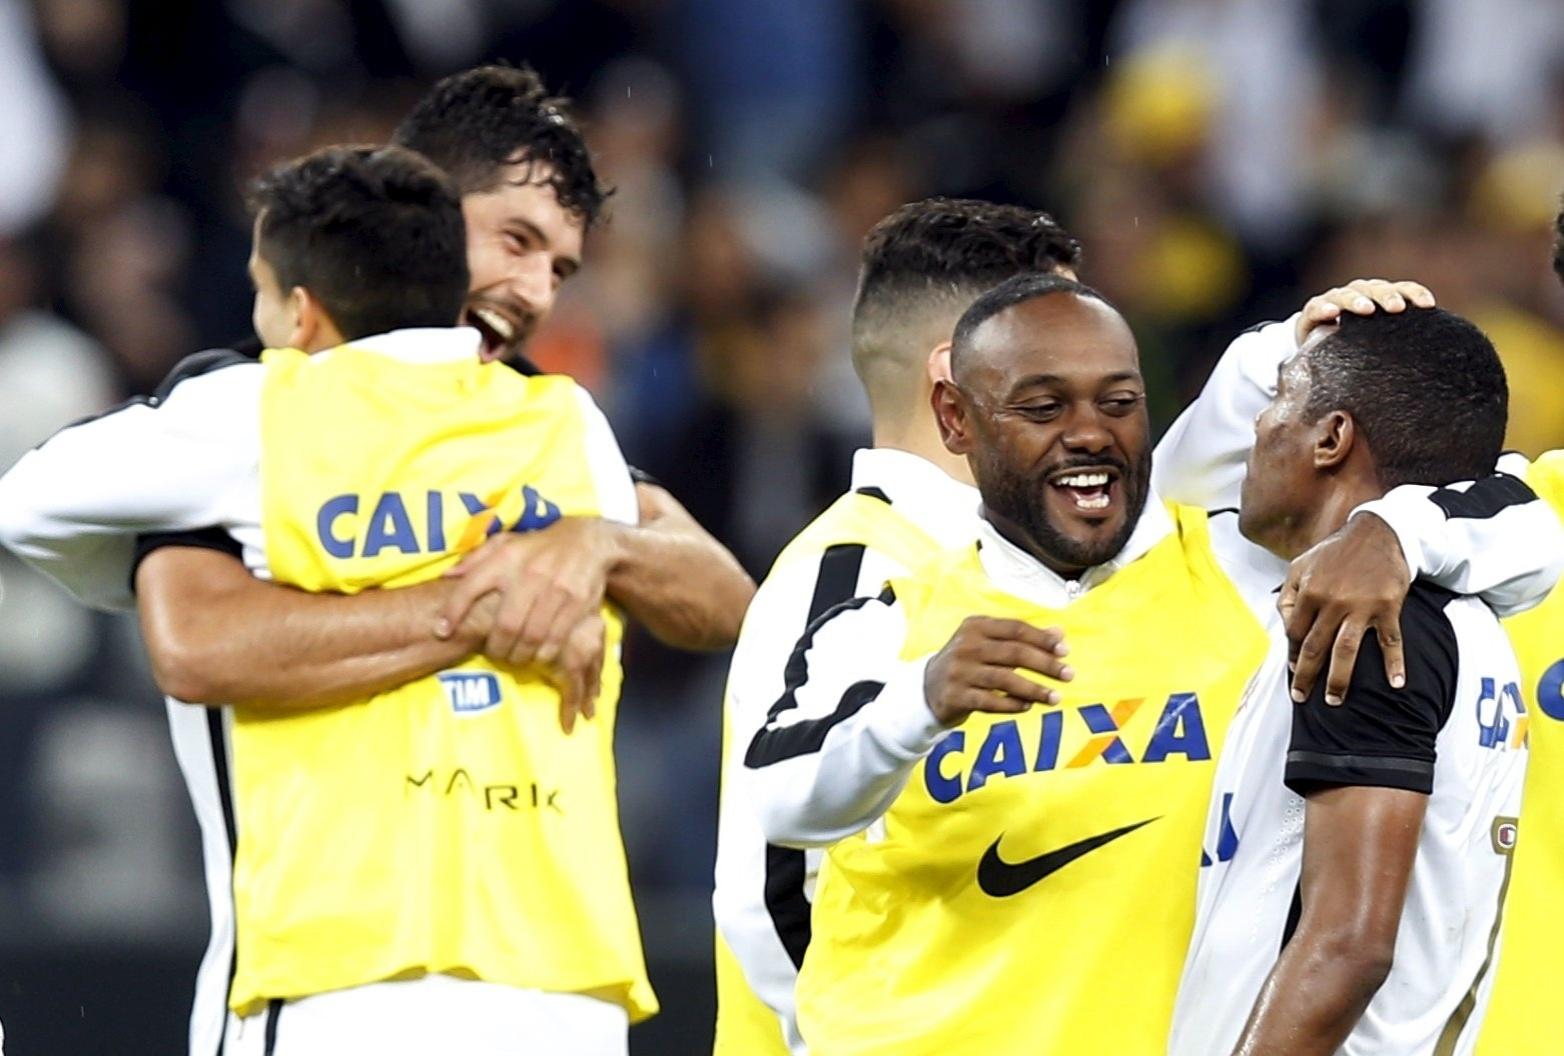 É campeão? Embalados pelo grito da torcida, jogadores do Corinthians festejaram muito a vitória sobre o Coritiba